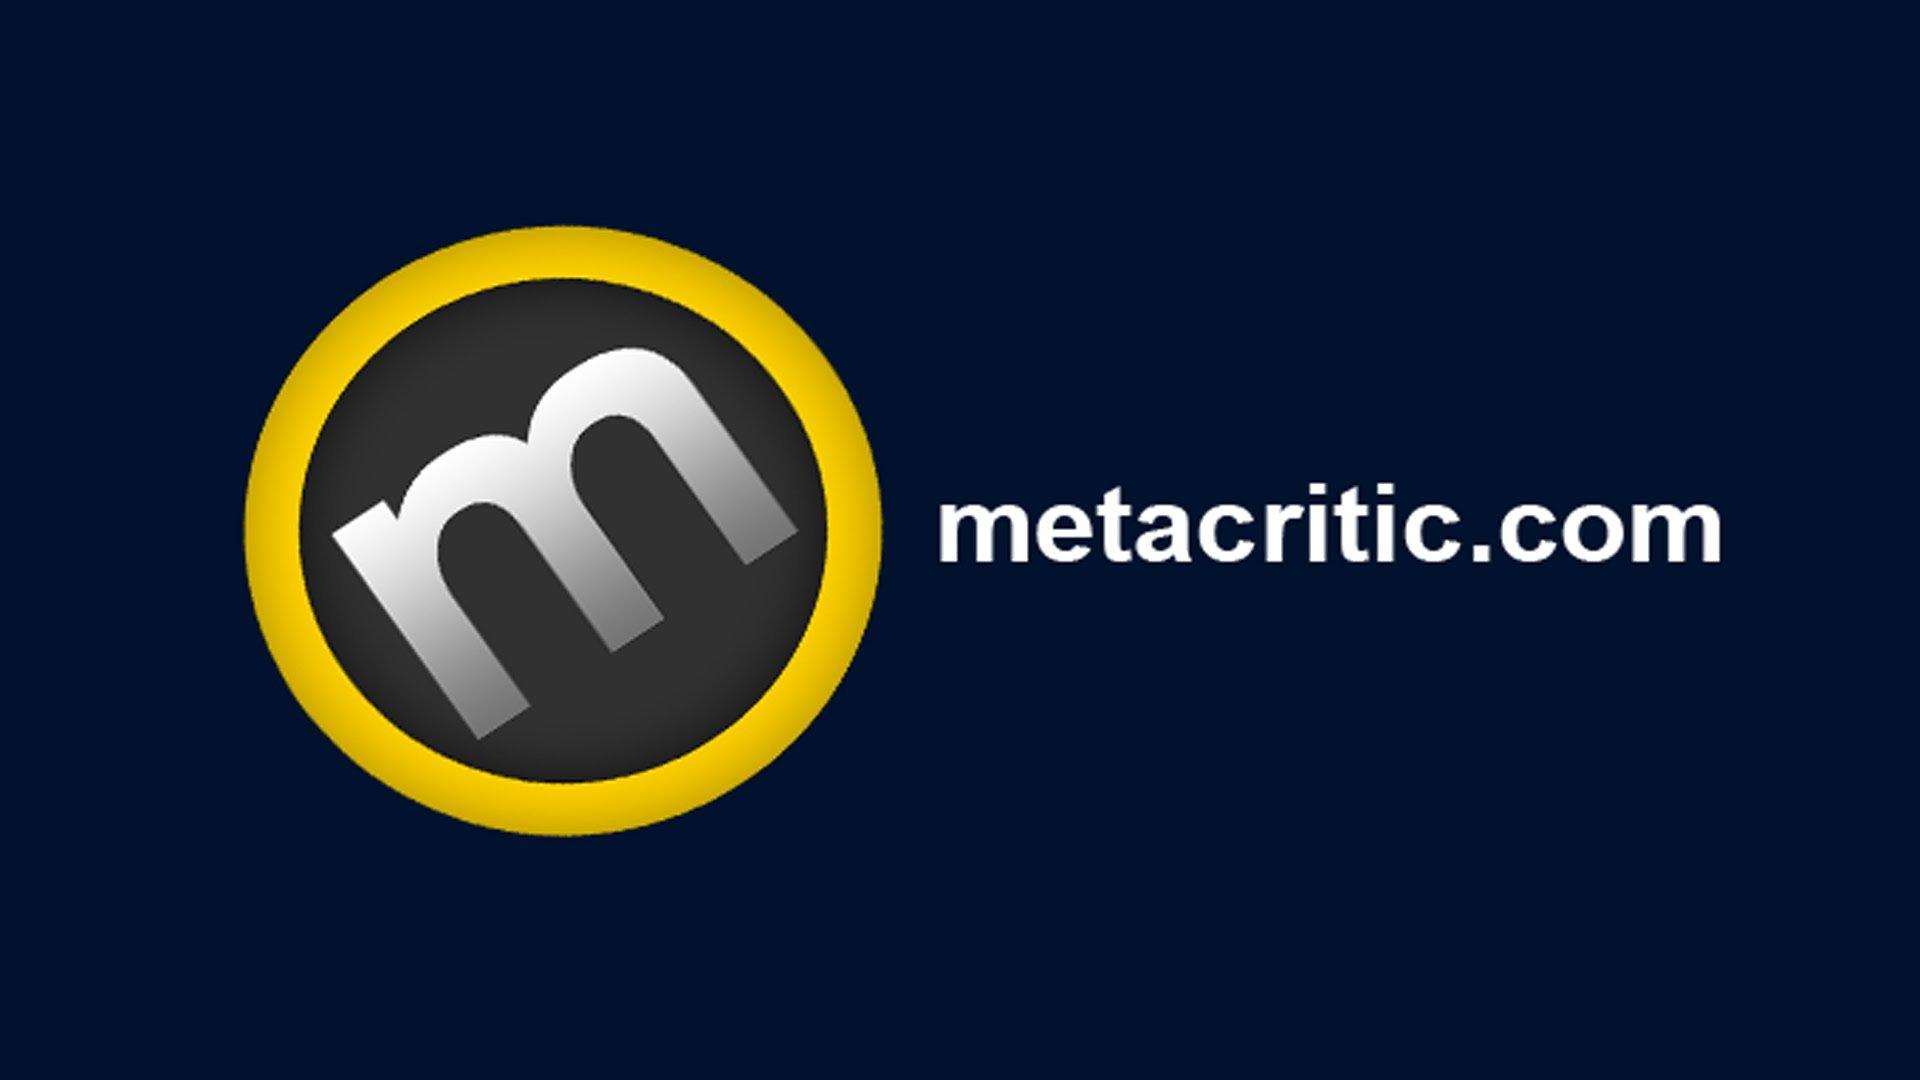 Metacritic назвал самые высокооцененные игры 2015 года, объявлена GOTY 2015 - Изображение 1